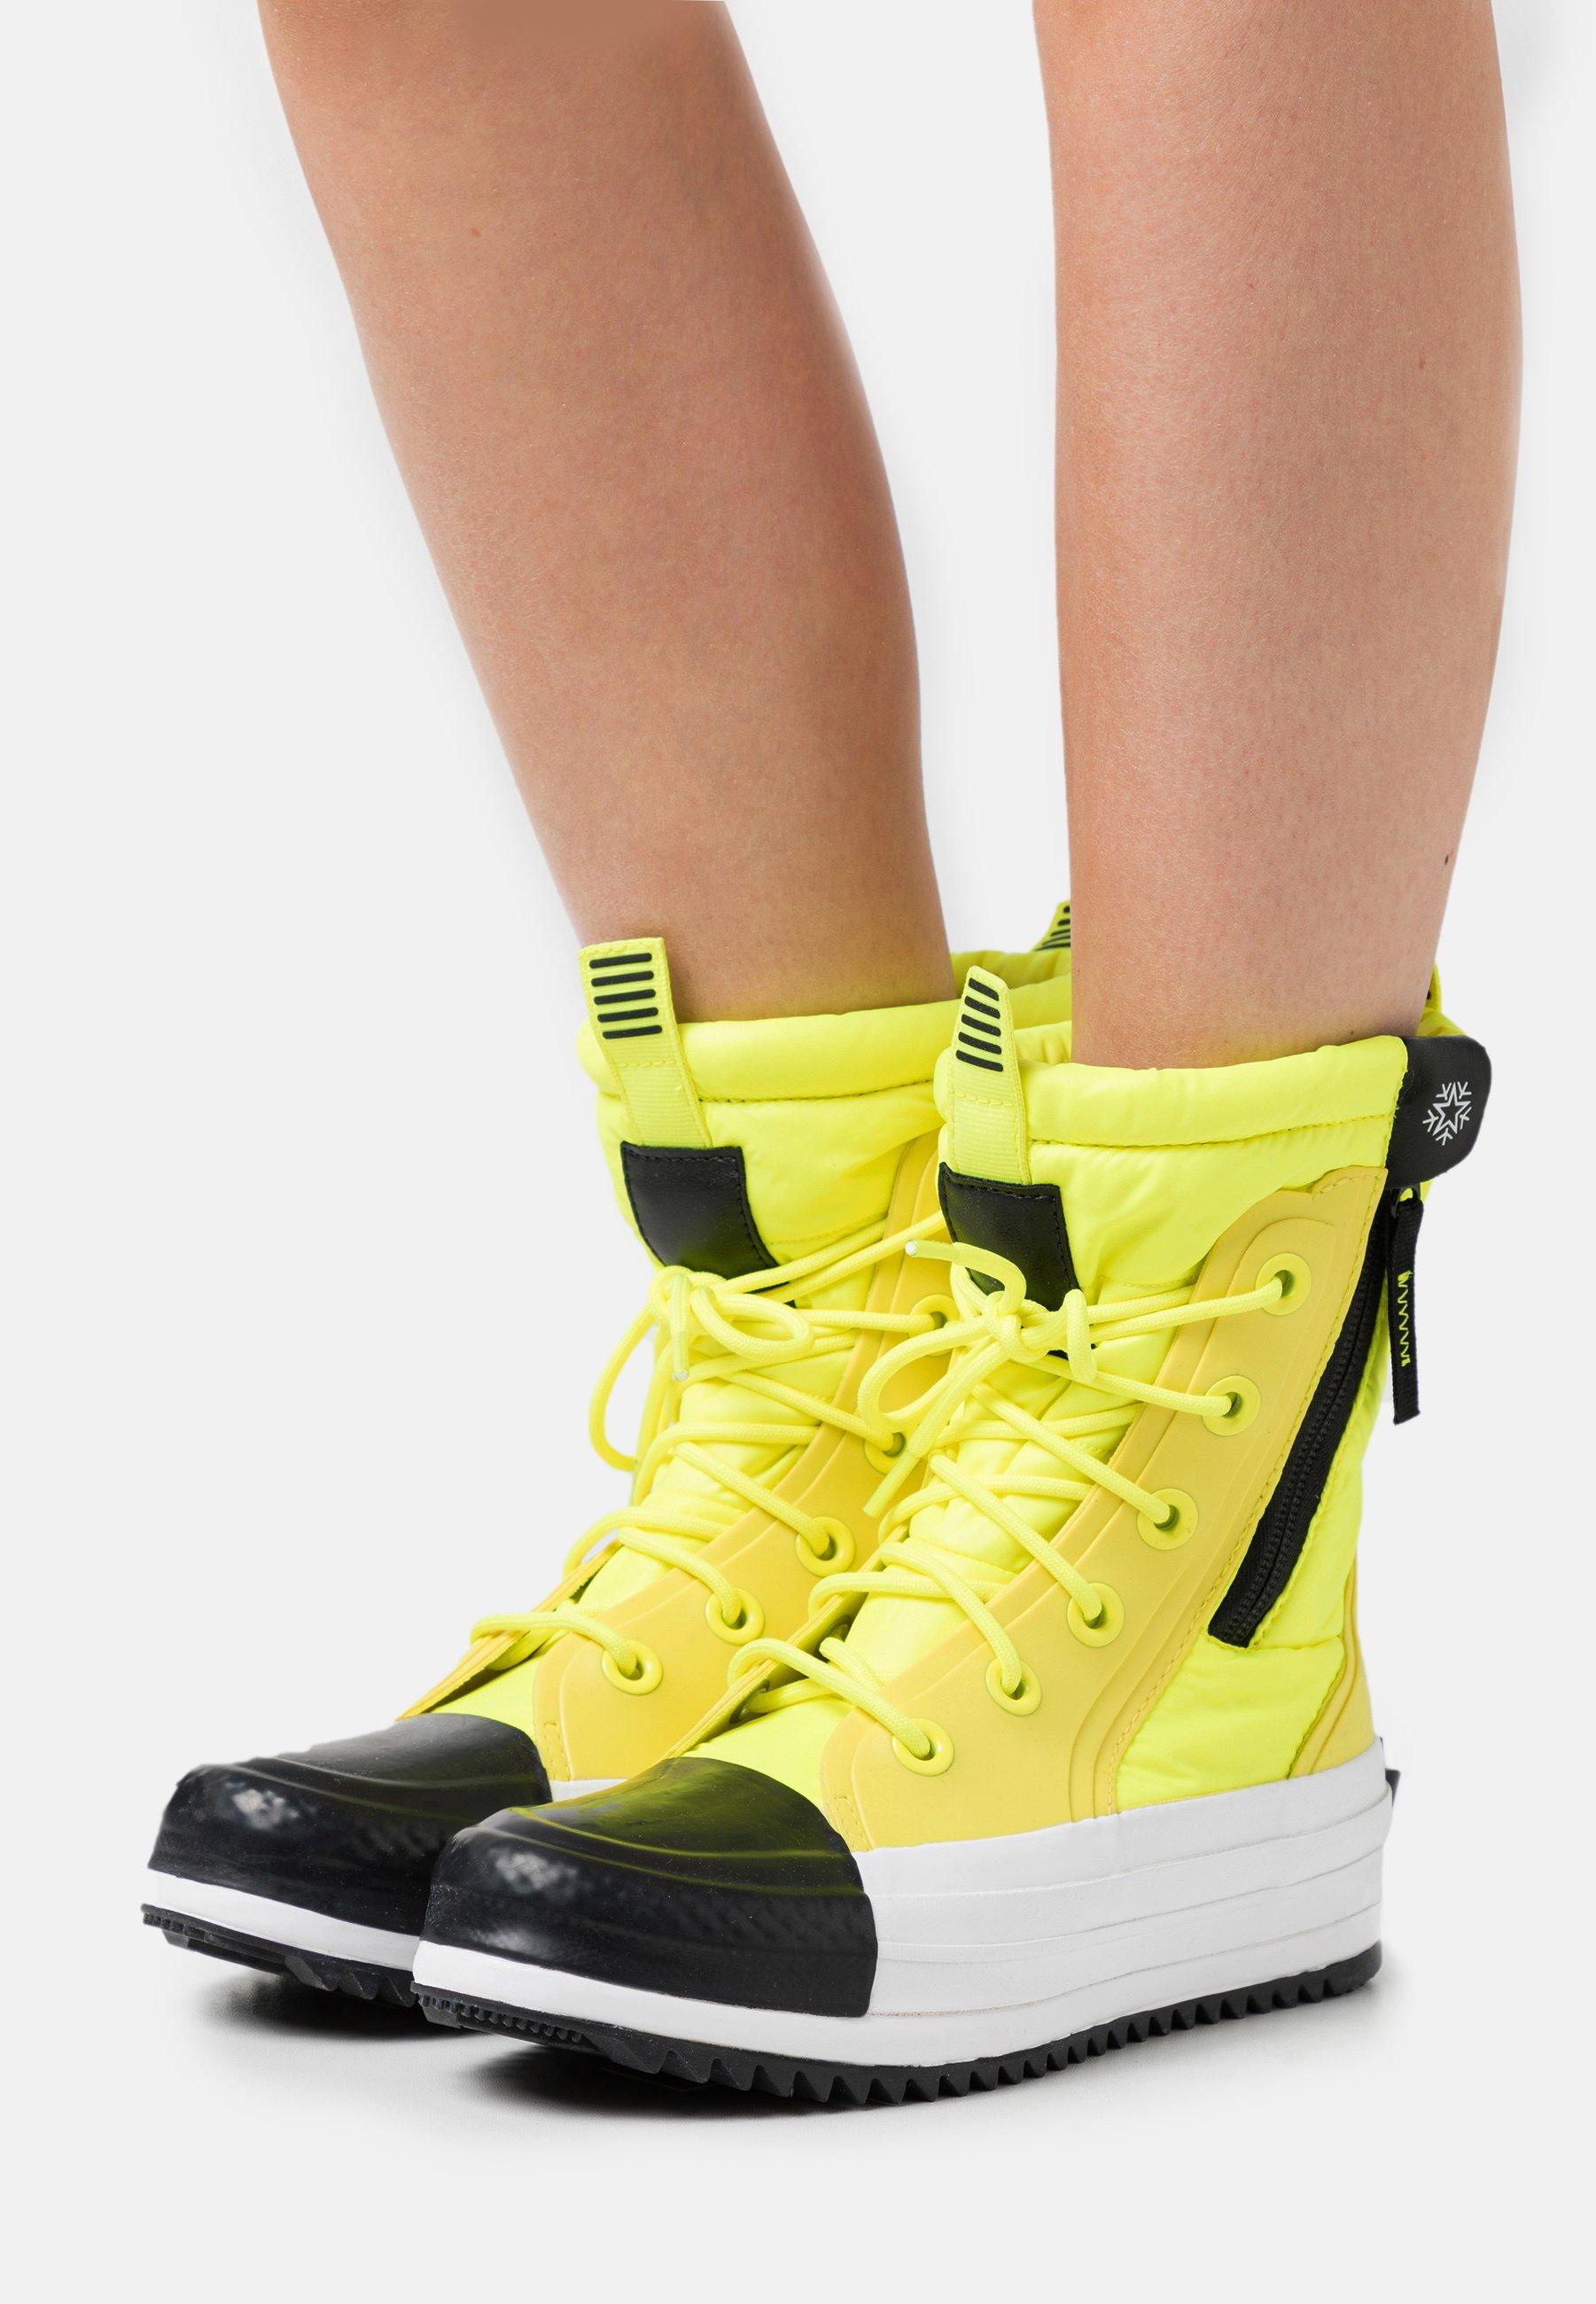 Converse CHUCK TAYLOR ALL STAR BOOT - Stivali da neve - lemon ...